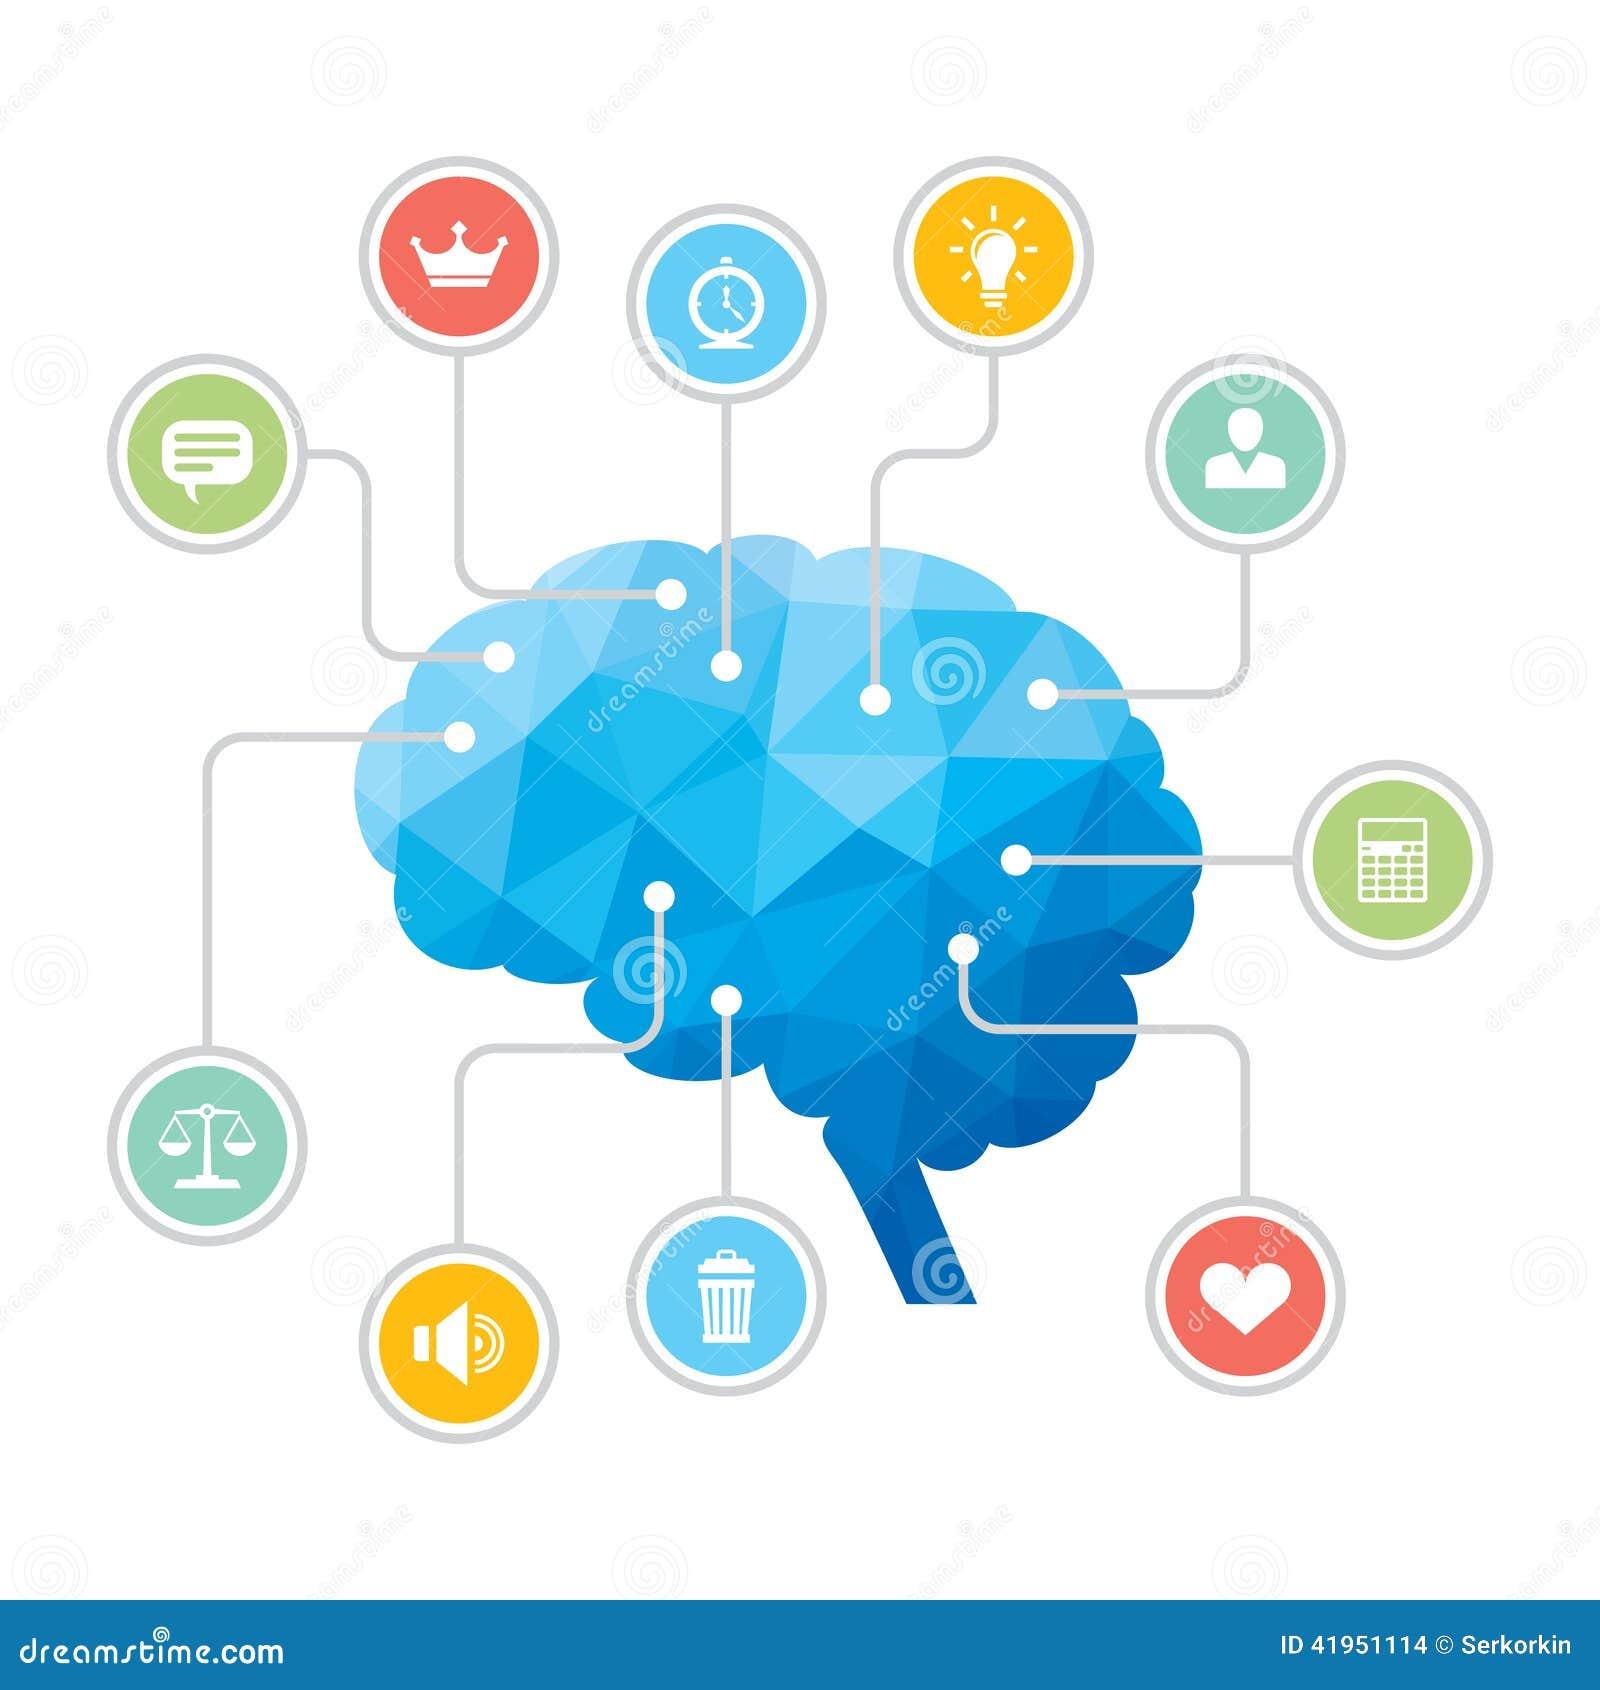 Ludzki Mózg - Błękitna wieloboka Infographic ilustracja